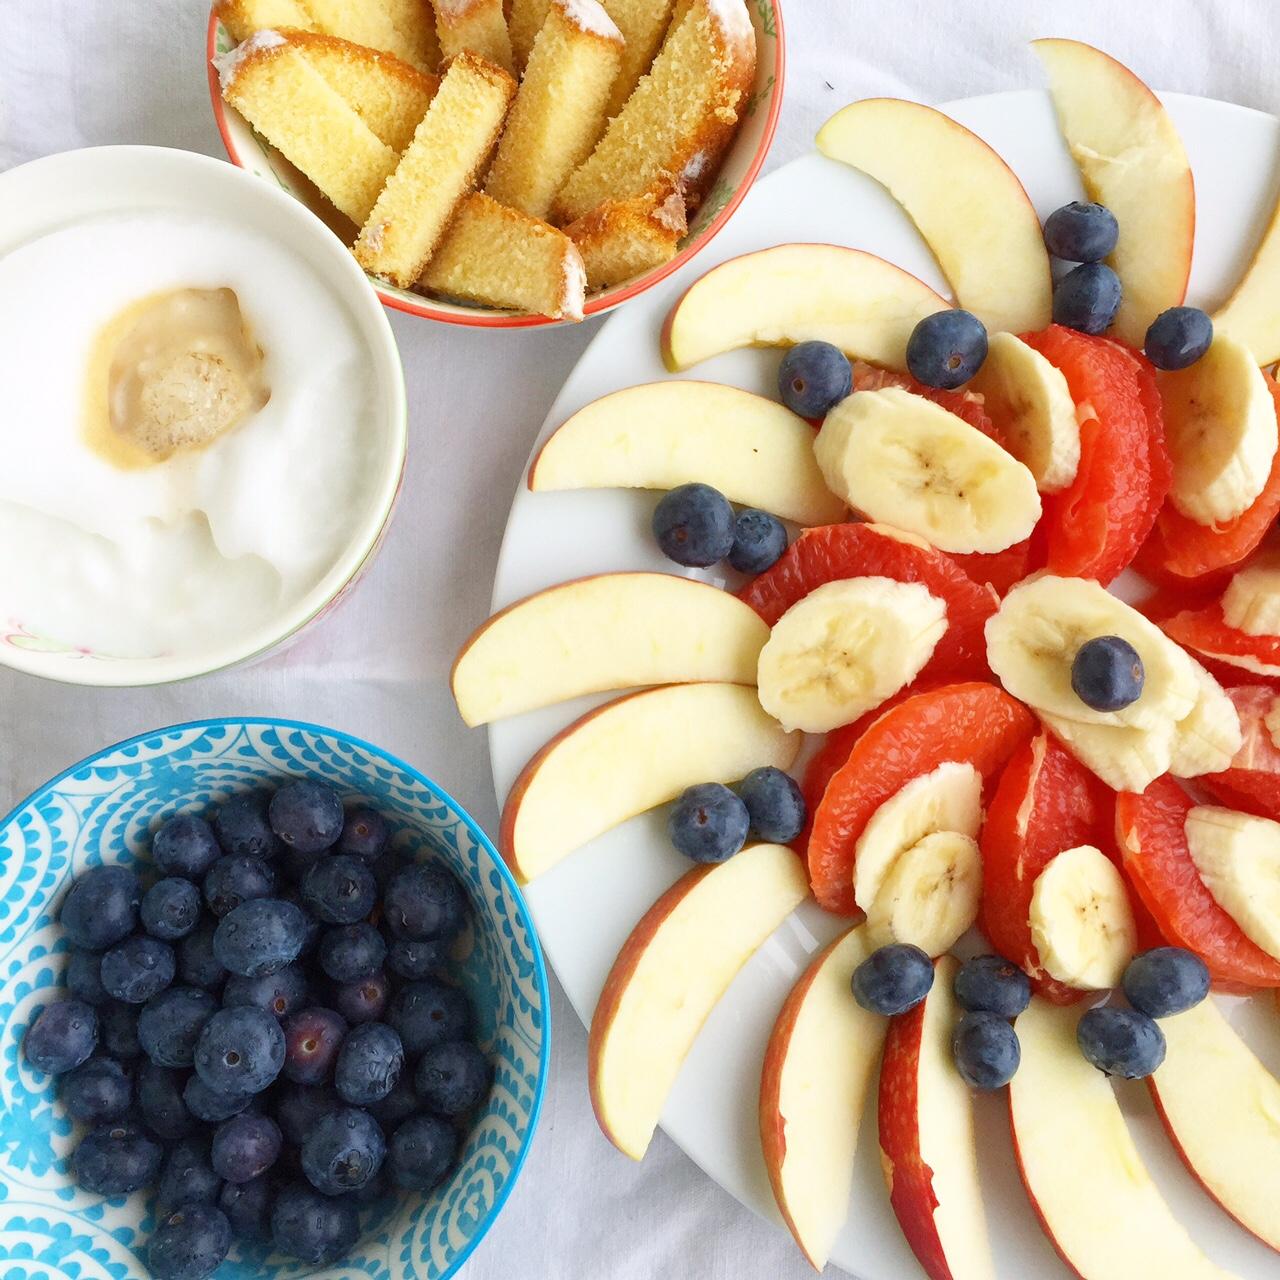 Frühstück, 12 von 12, 12v12, April, Draußen nur Kännchen, healthy choices, Obstfrühstück